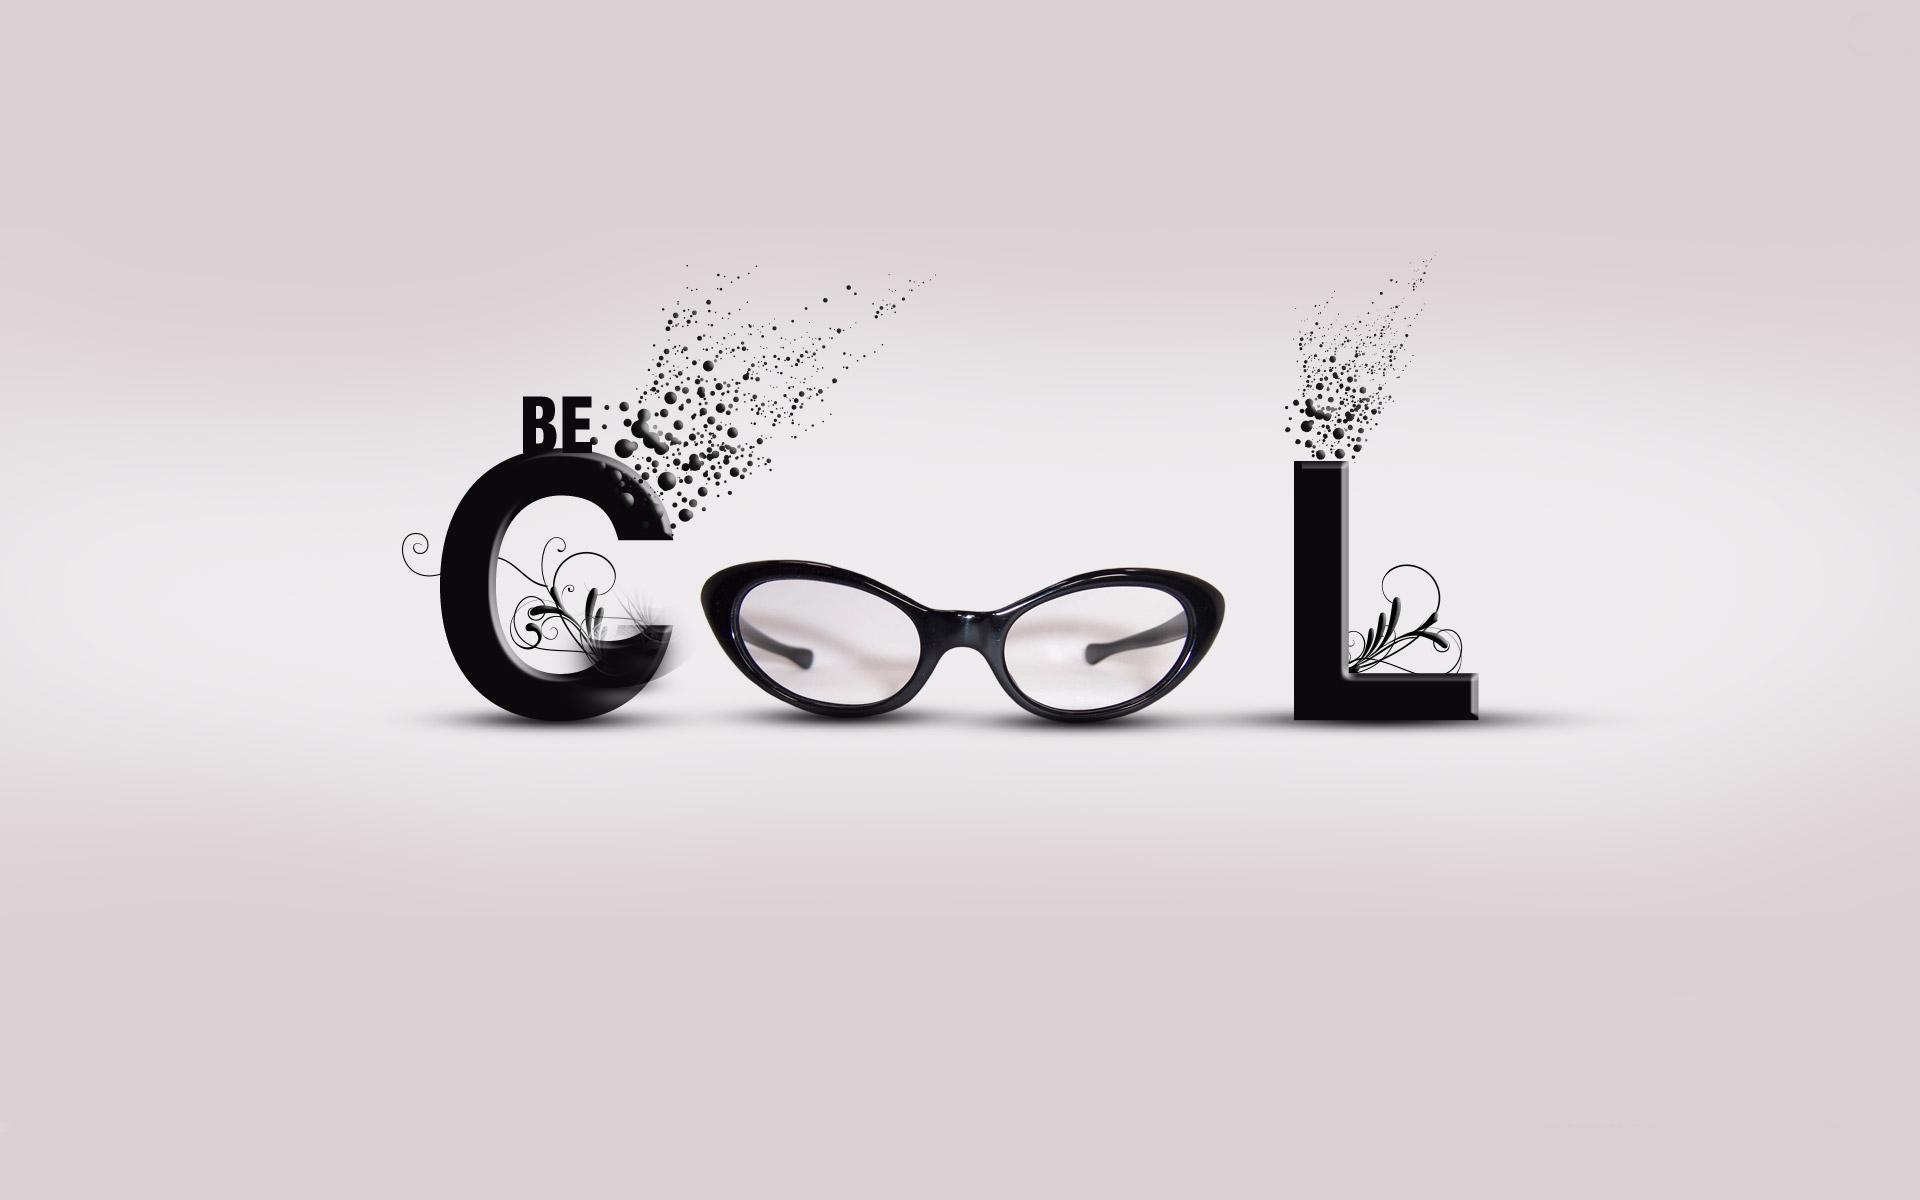 Be Cool Motivational Hd Desktop Wallpaper Widescreen High Definition Fullscreen